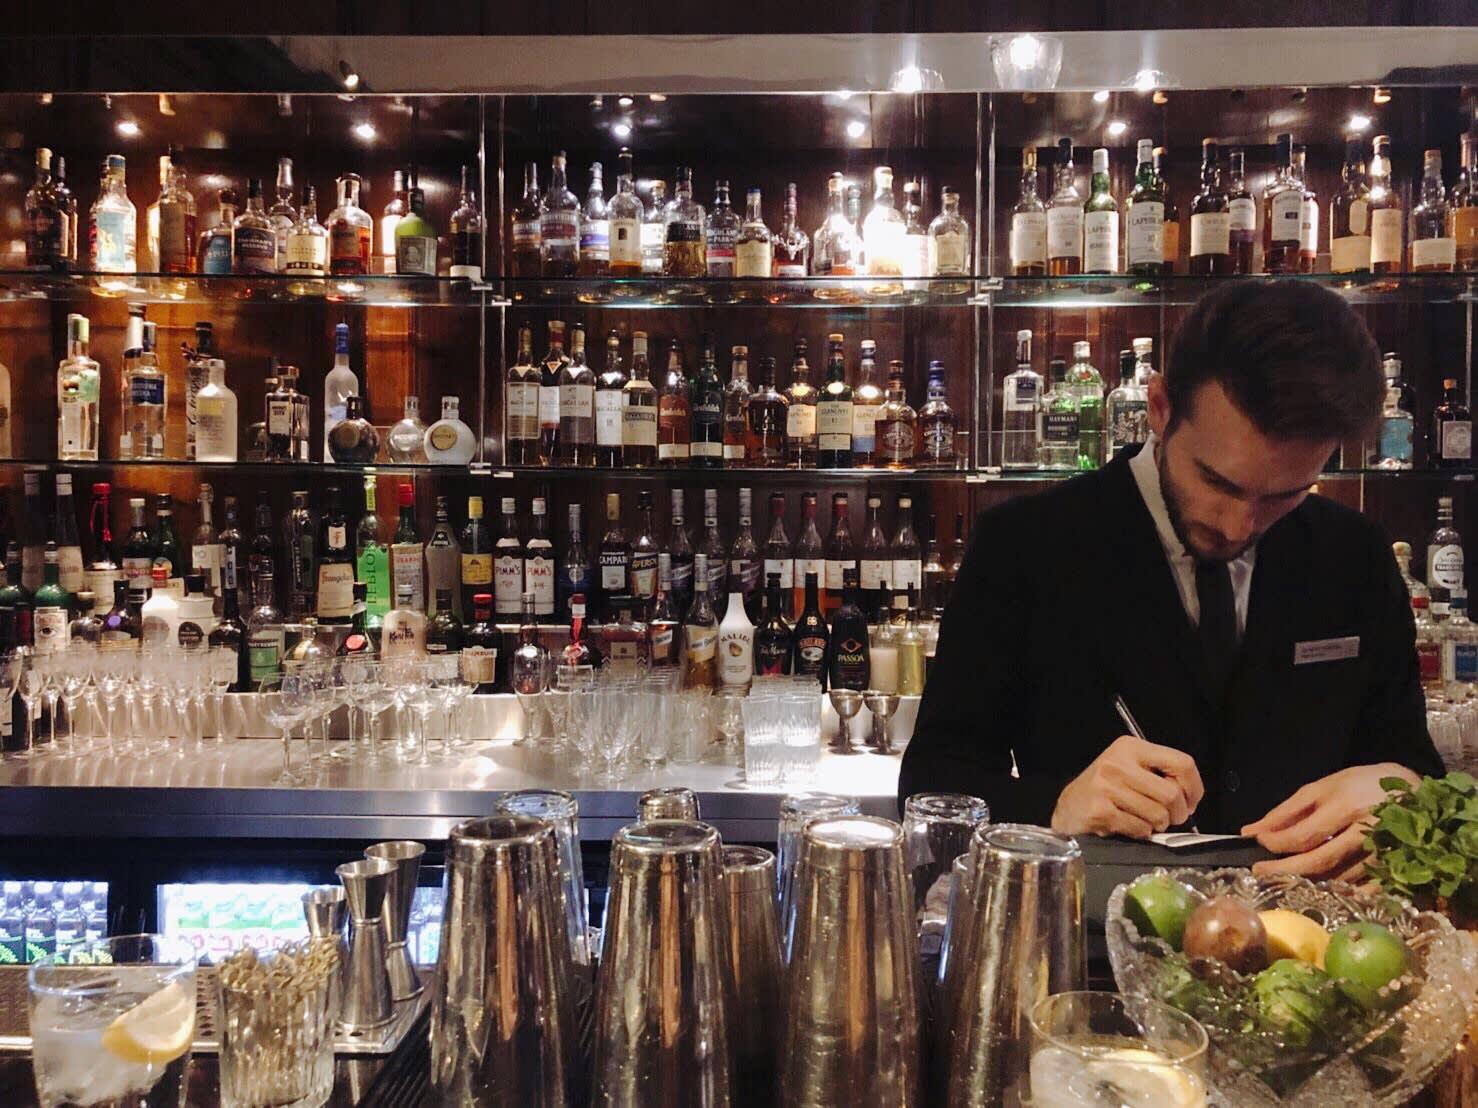 【倫敦夜生活】一起喝一杯吧!倫敦人隨時都在喝酒 揭秘5倫敦私房景點酒吧